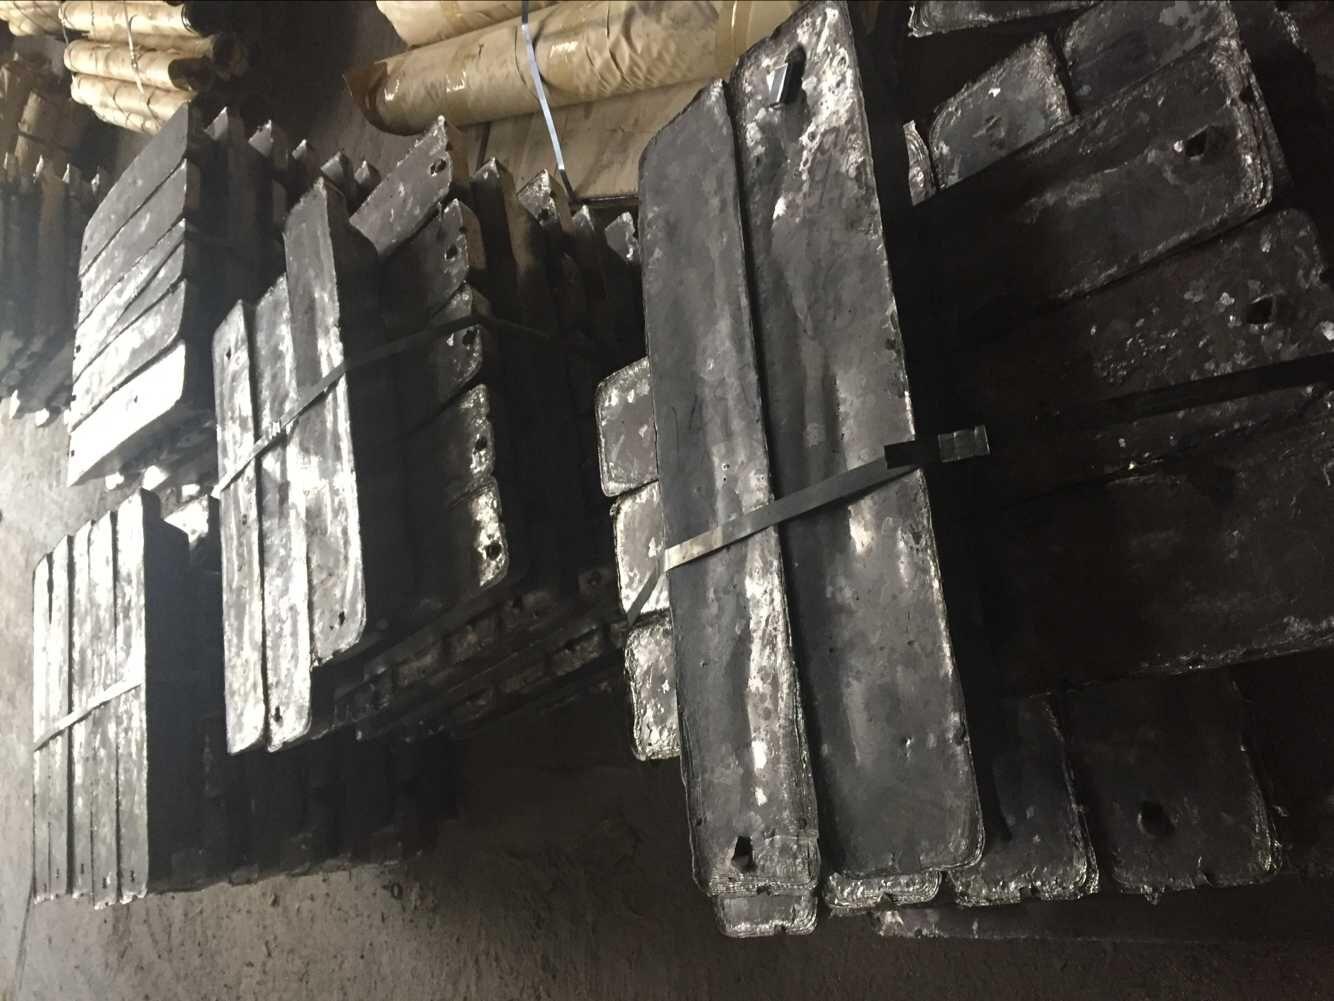 价格适中的铅板是由润通辐射防护工程提供    -重庆铅板制作